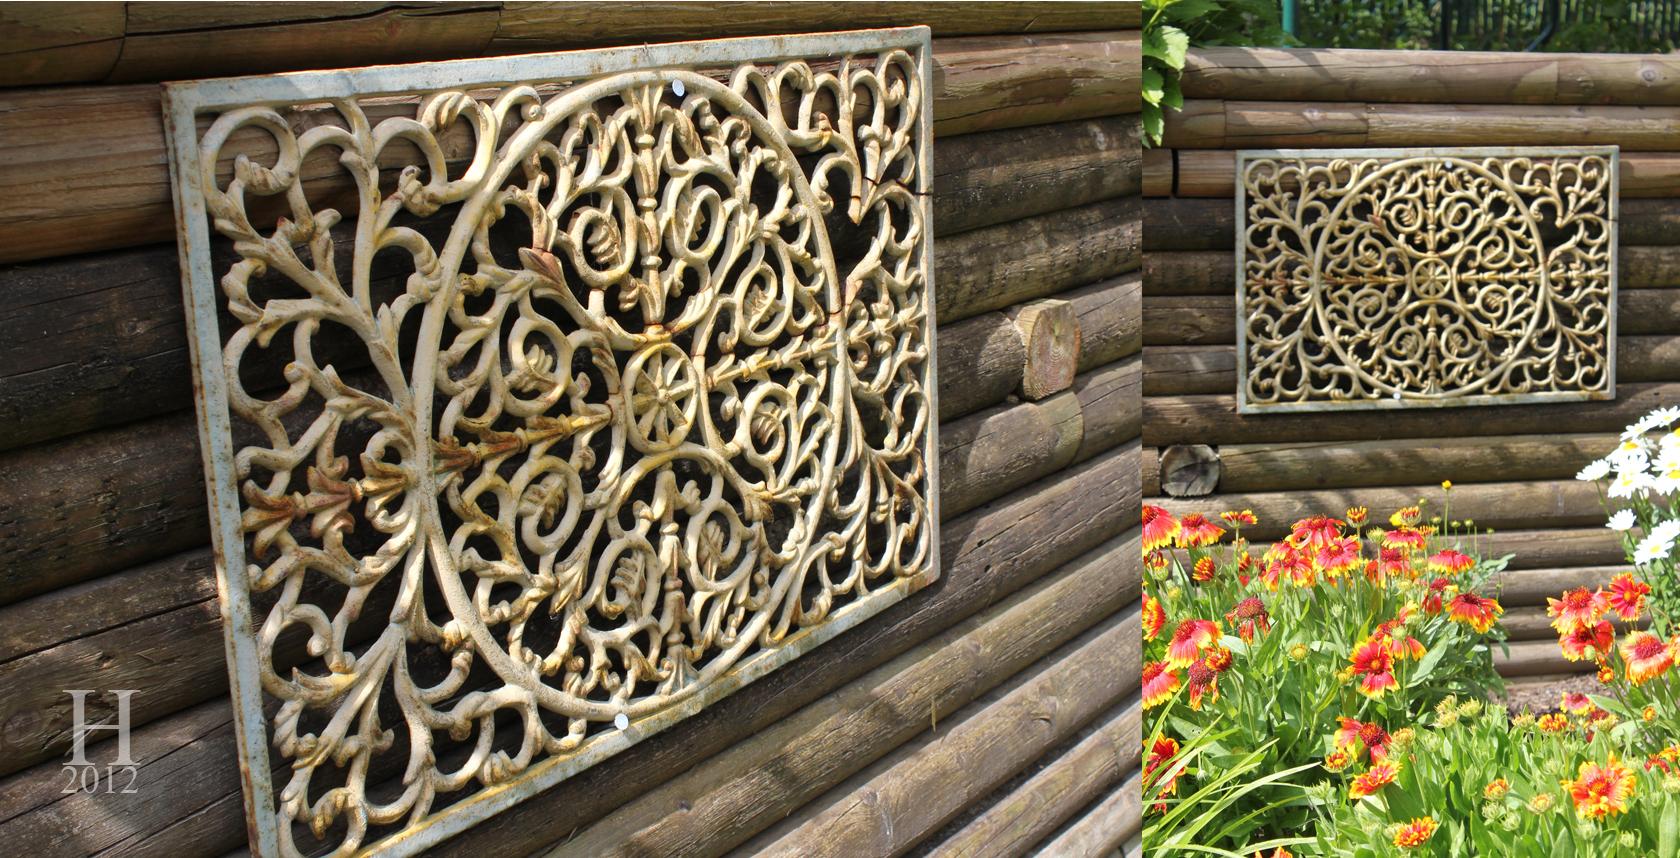 Rustic garden ornaments - Ornate